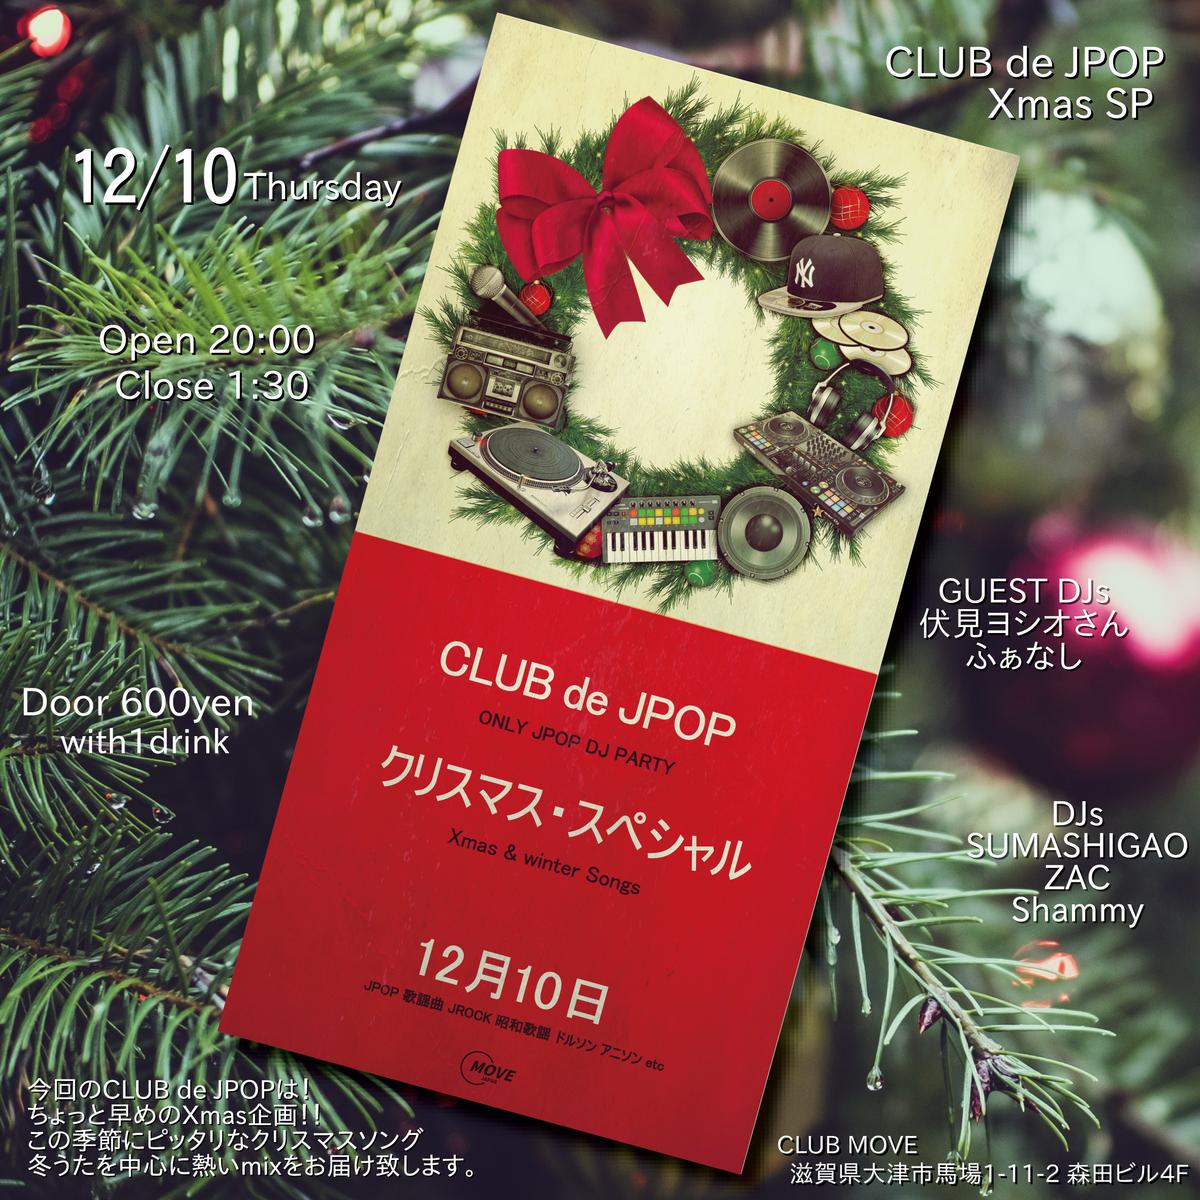 f:id:dj_sumashigao:20201125221611p:plain